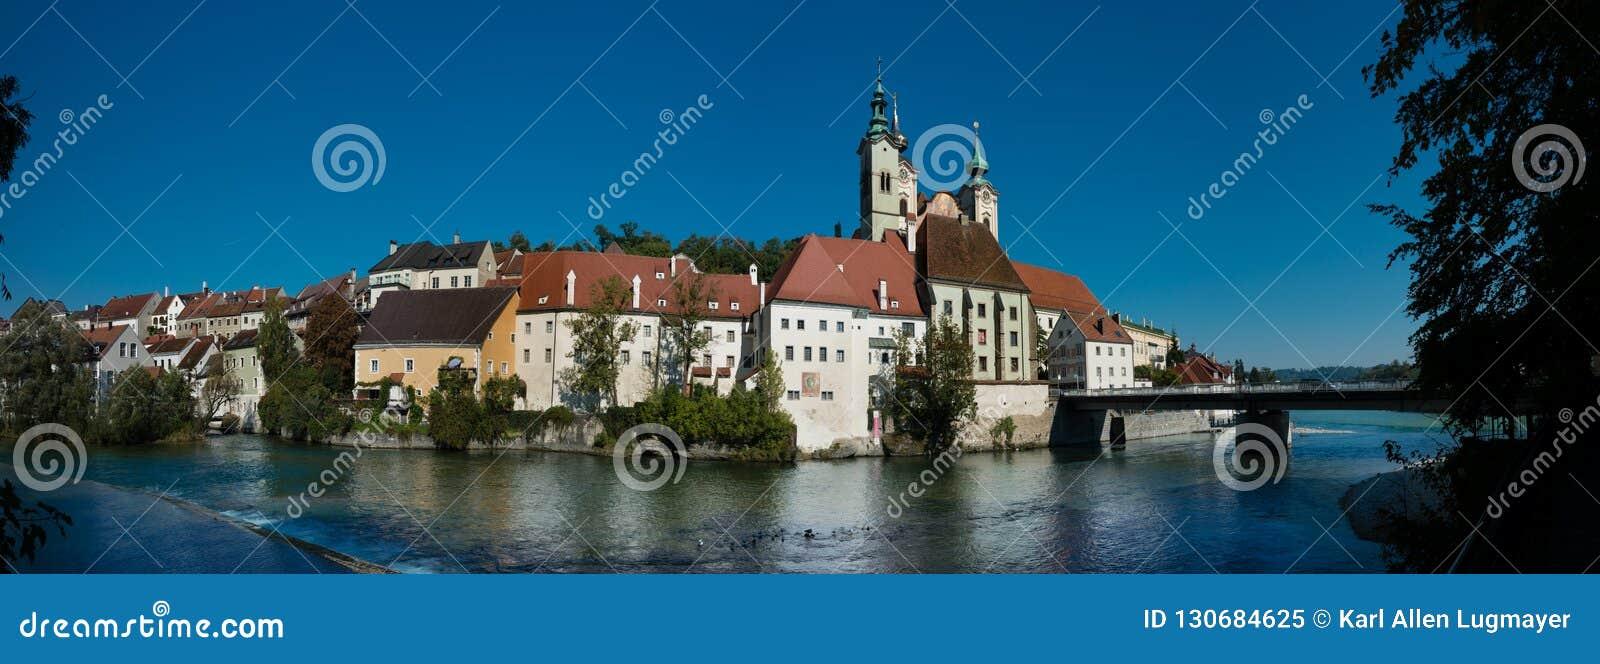 Εικονική παράσταση πόλης Steyr